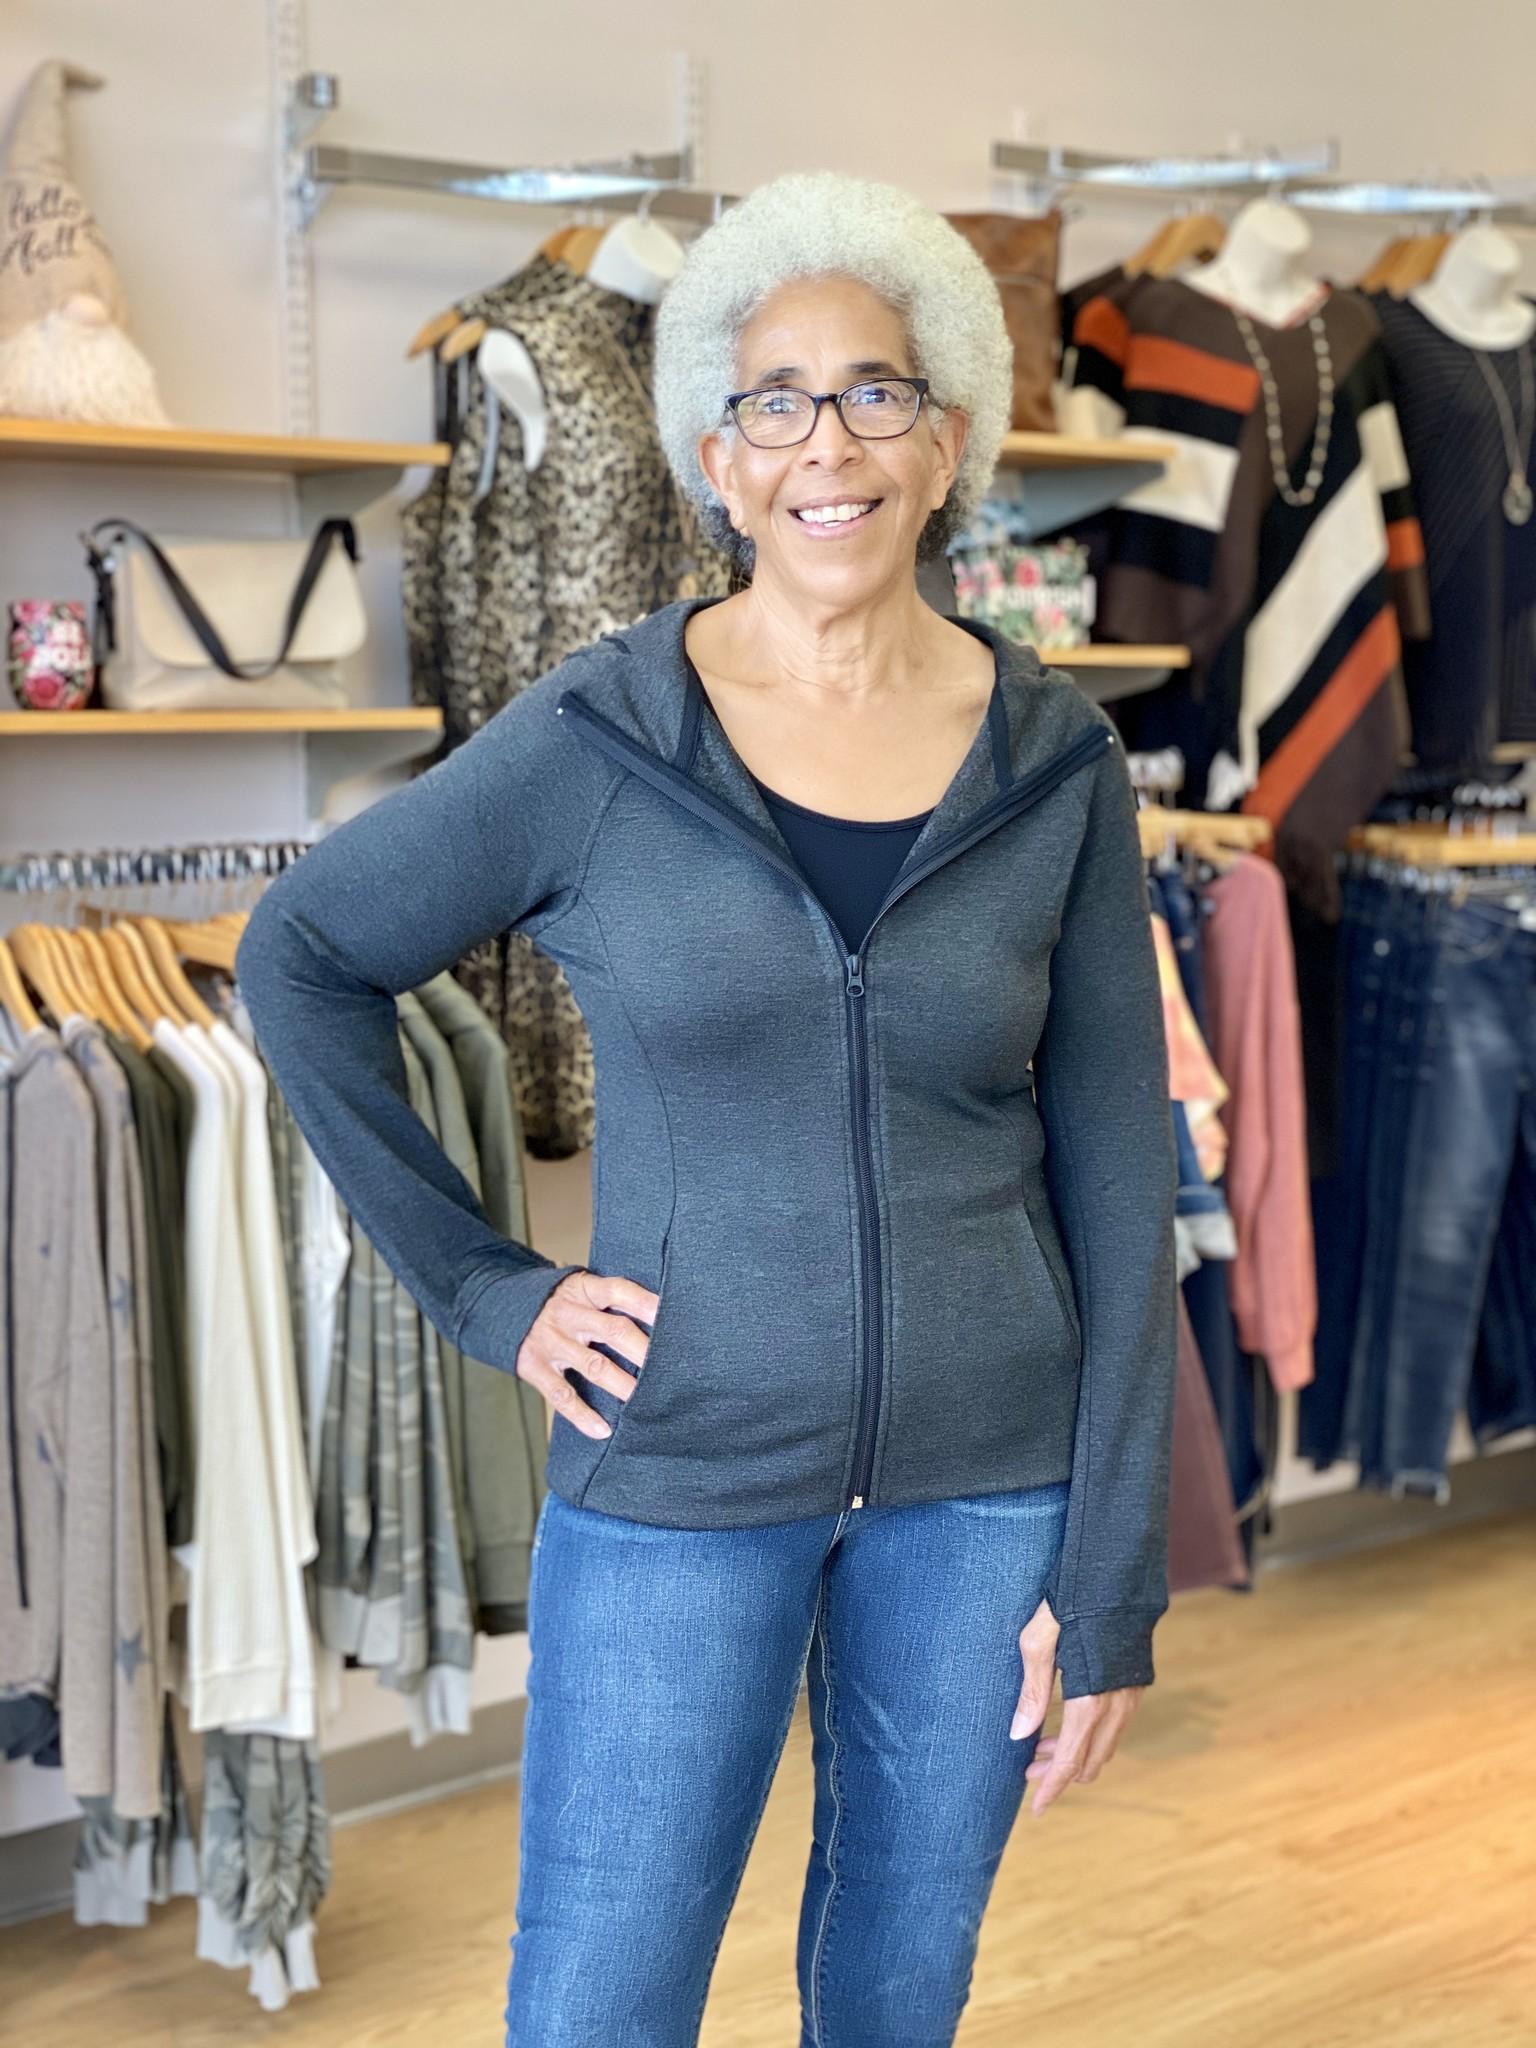 Karissa & Me Luxury Tri Blend Full Zip Hoodie in Black